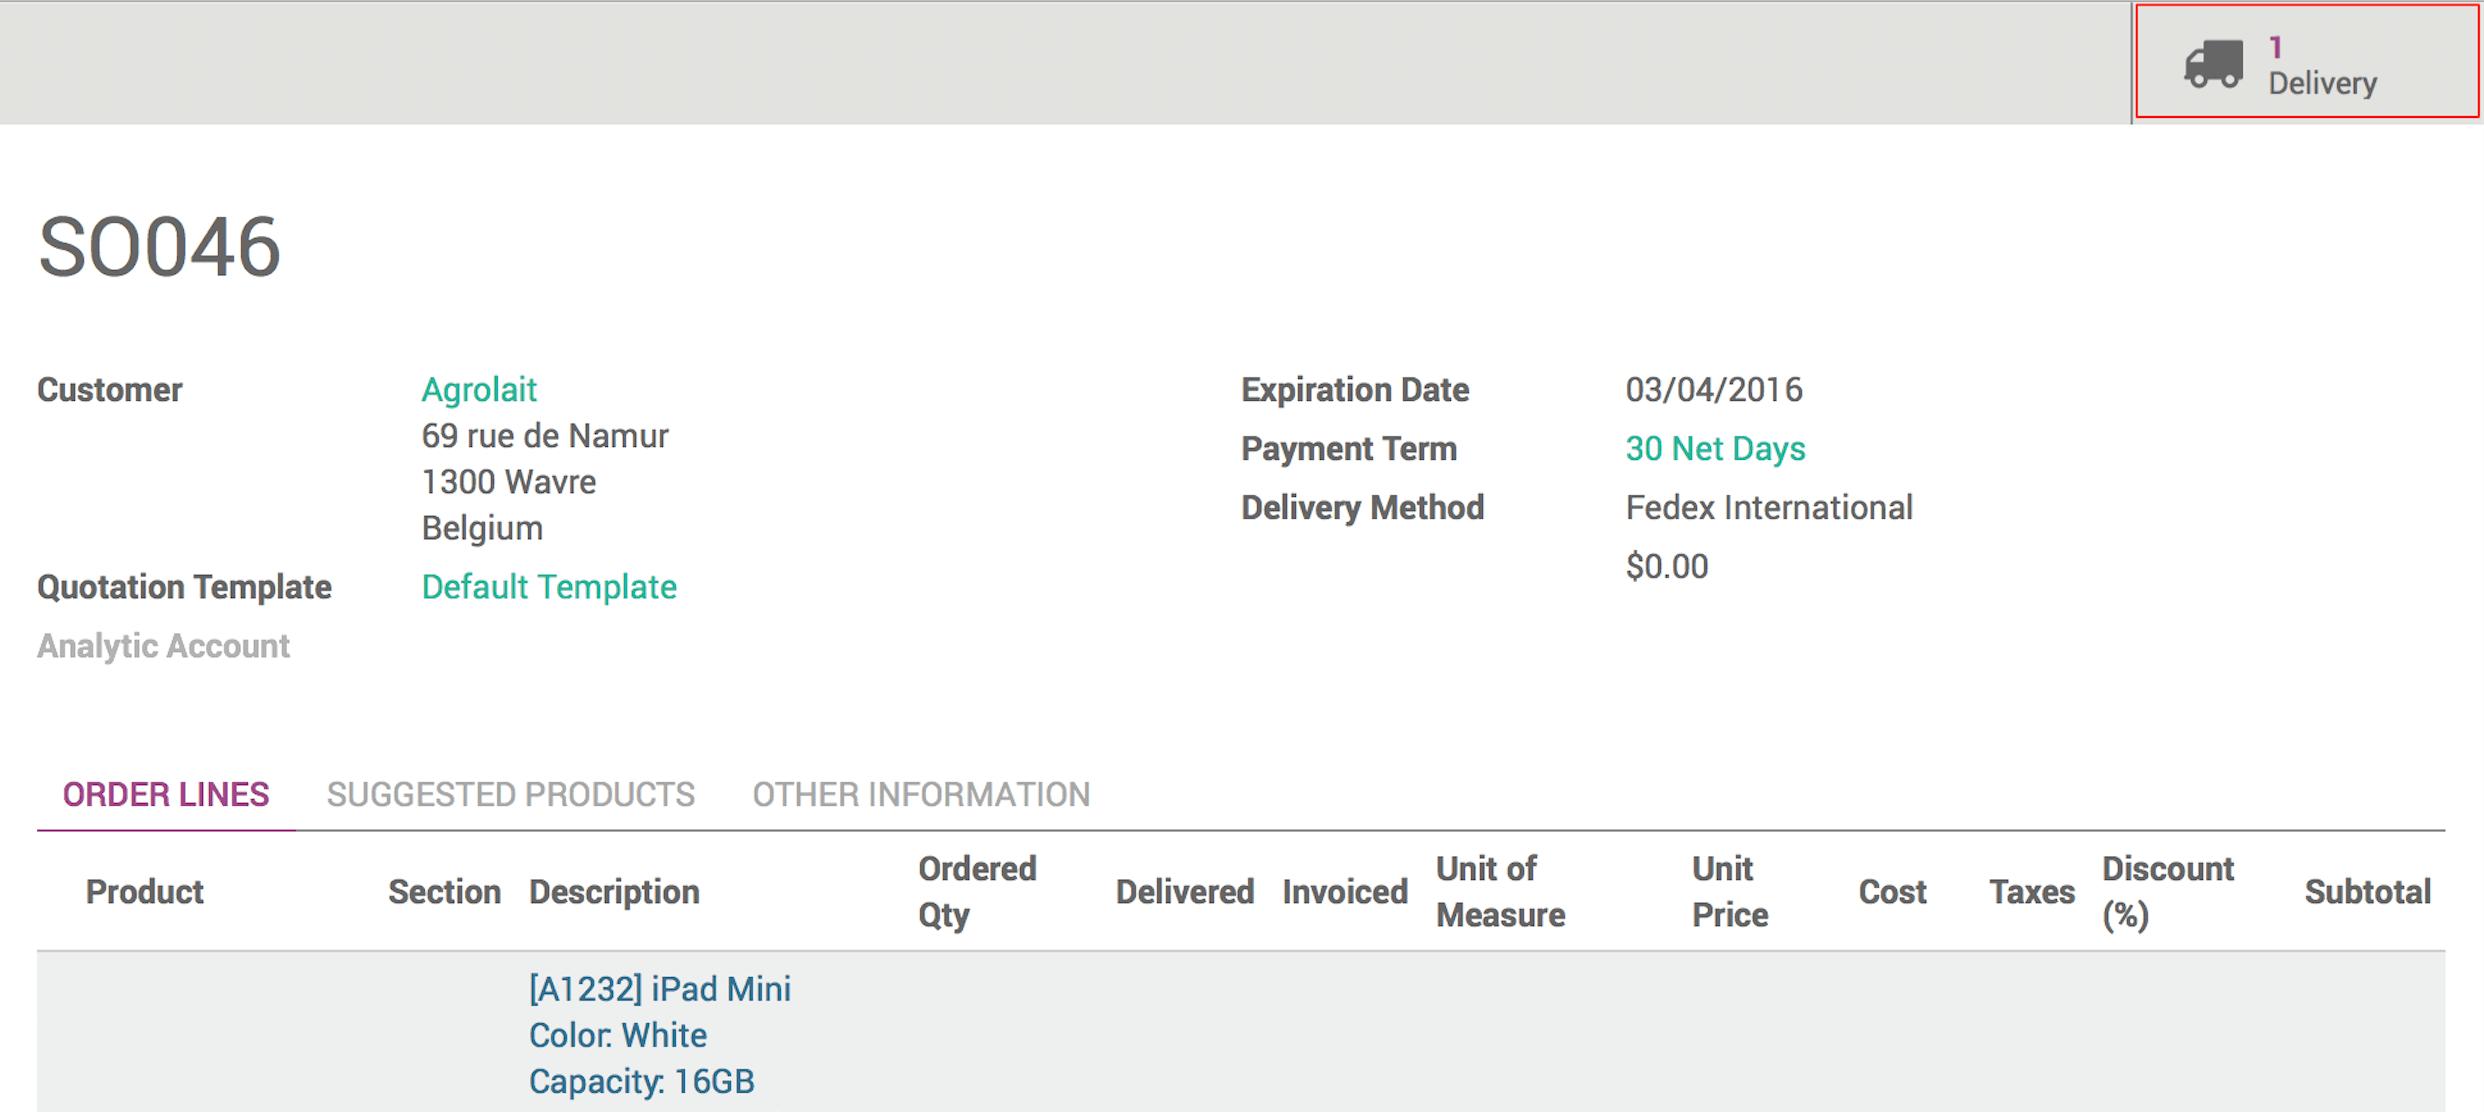 comment puis je annuler un ordre de livraison documentation odoo 9 0. Black Bedroom Furniture Sets. Home Design Ideas